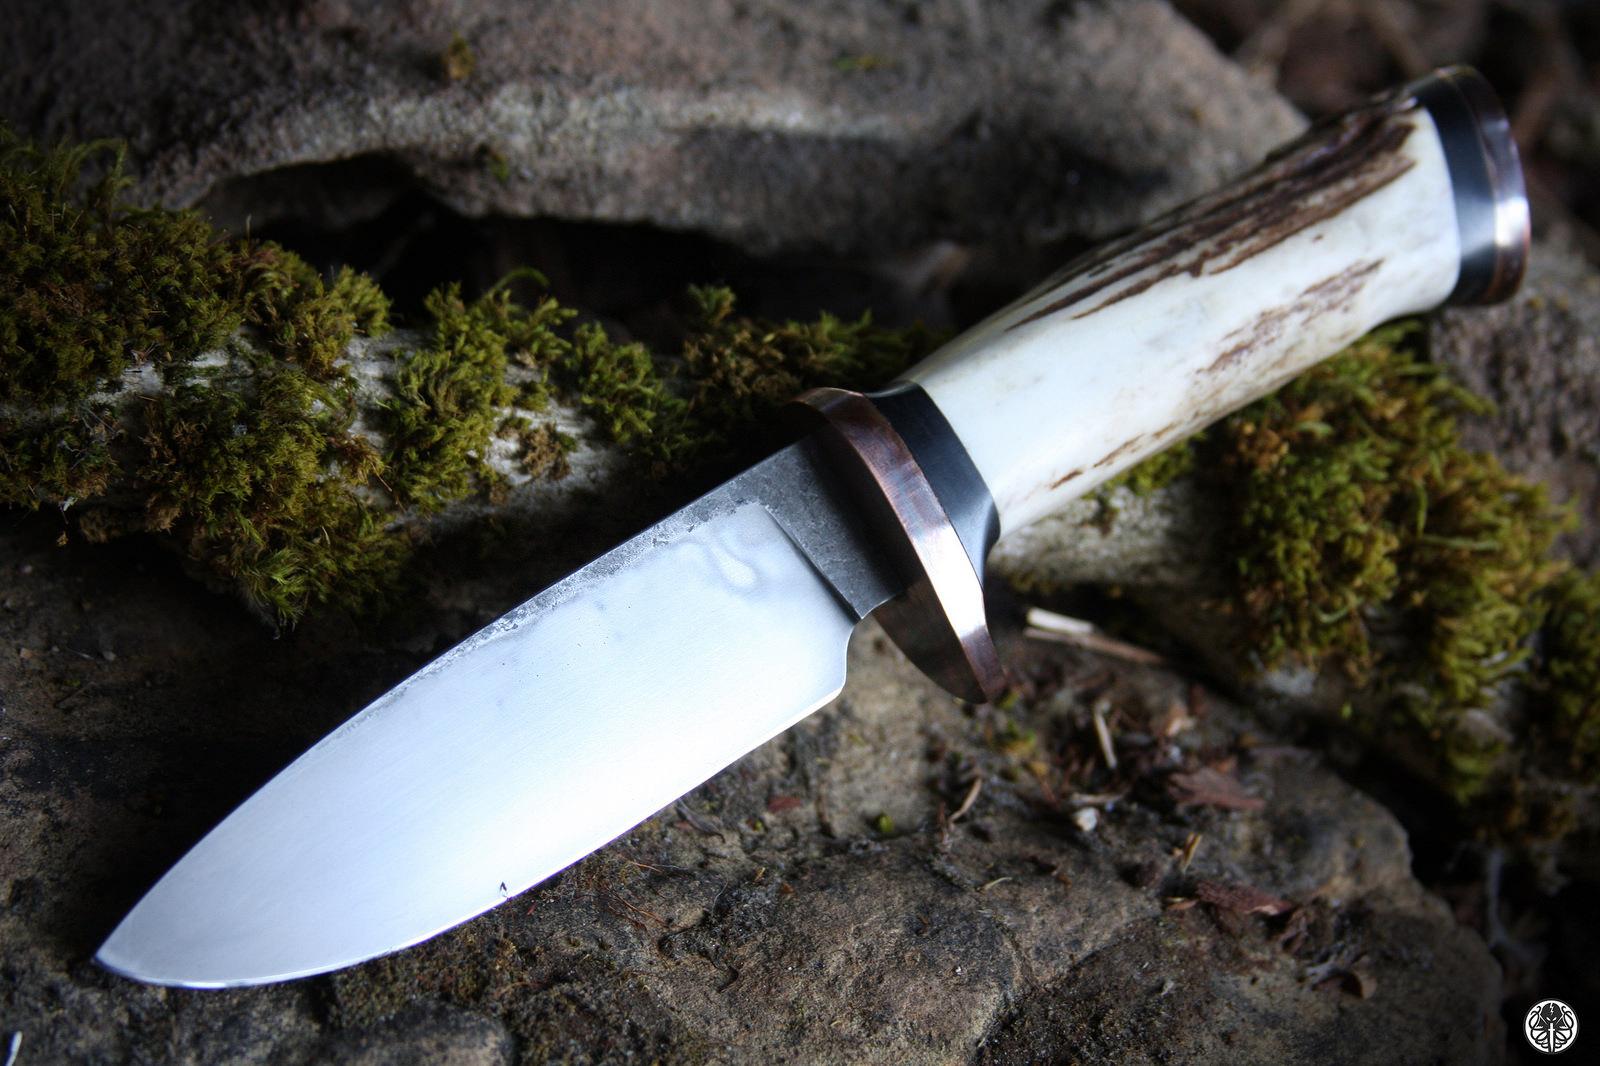 The Blade again